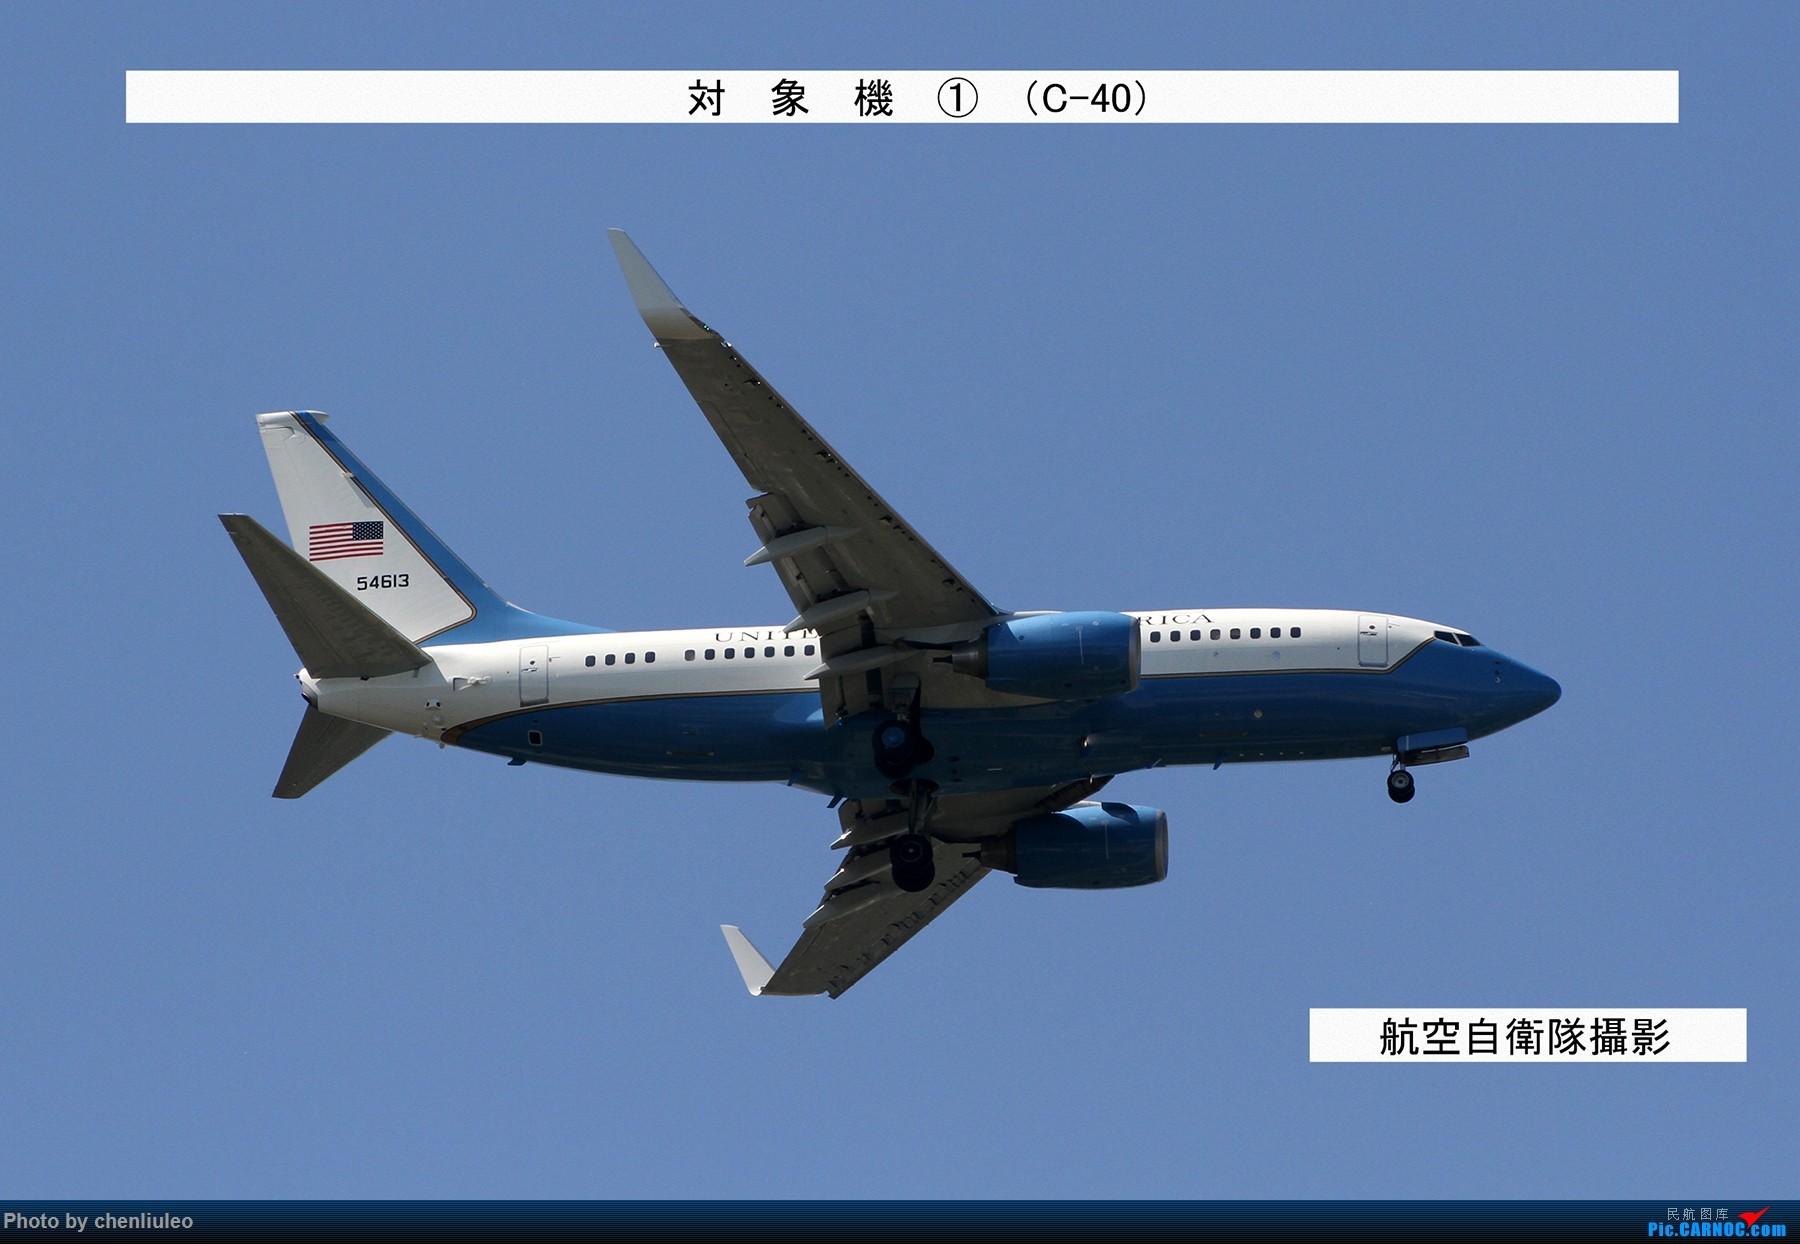 【北美飞友会】本来是去等西南航空的新加州一号彩绘 结果有意外惊喜 美军C-40C BOEING C-40C 737-7DM 05-4613 美国圣路易斯机场